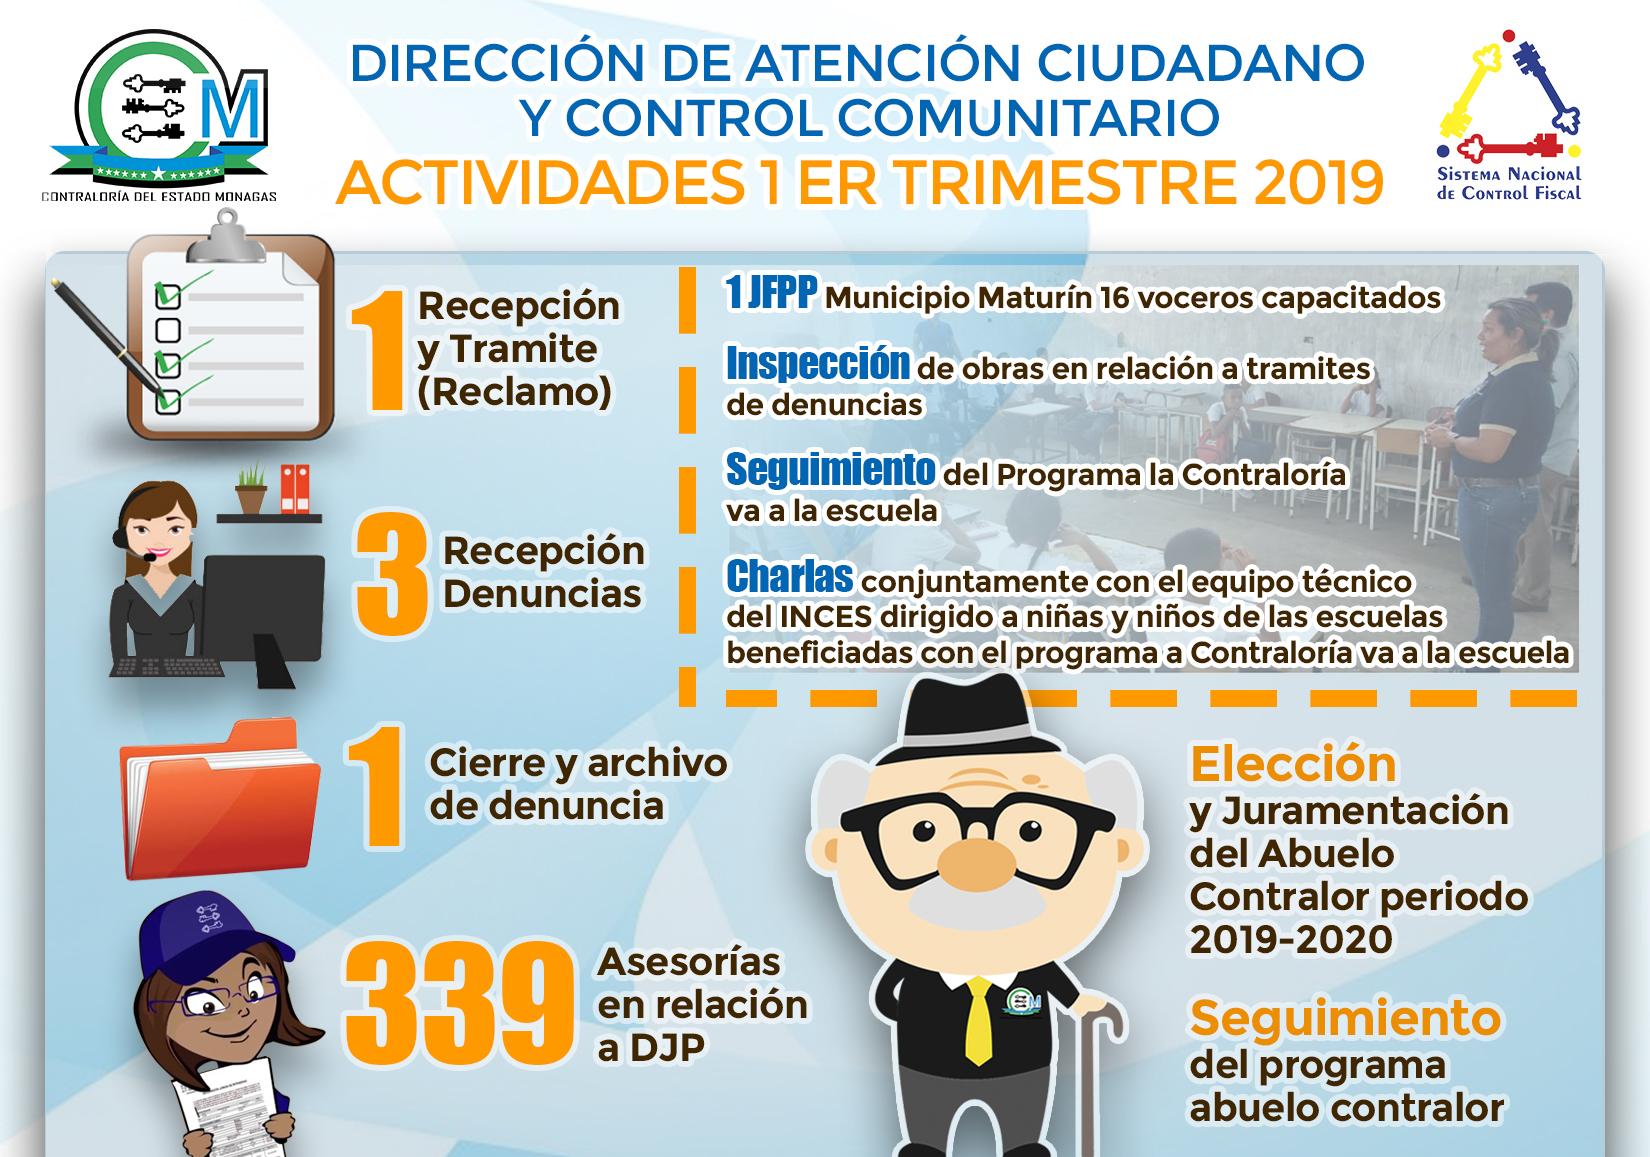 DIRECCION DE ATENCION CIUDADANO (2)